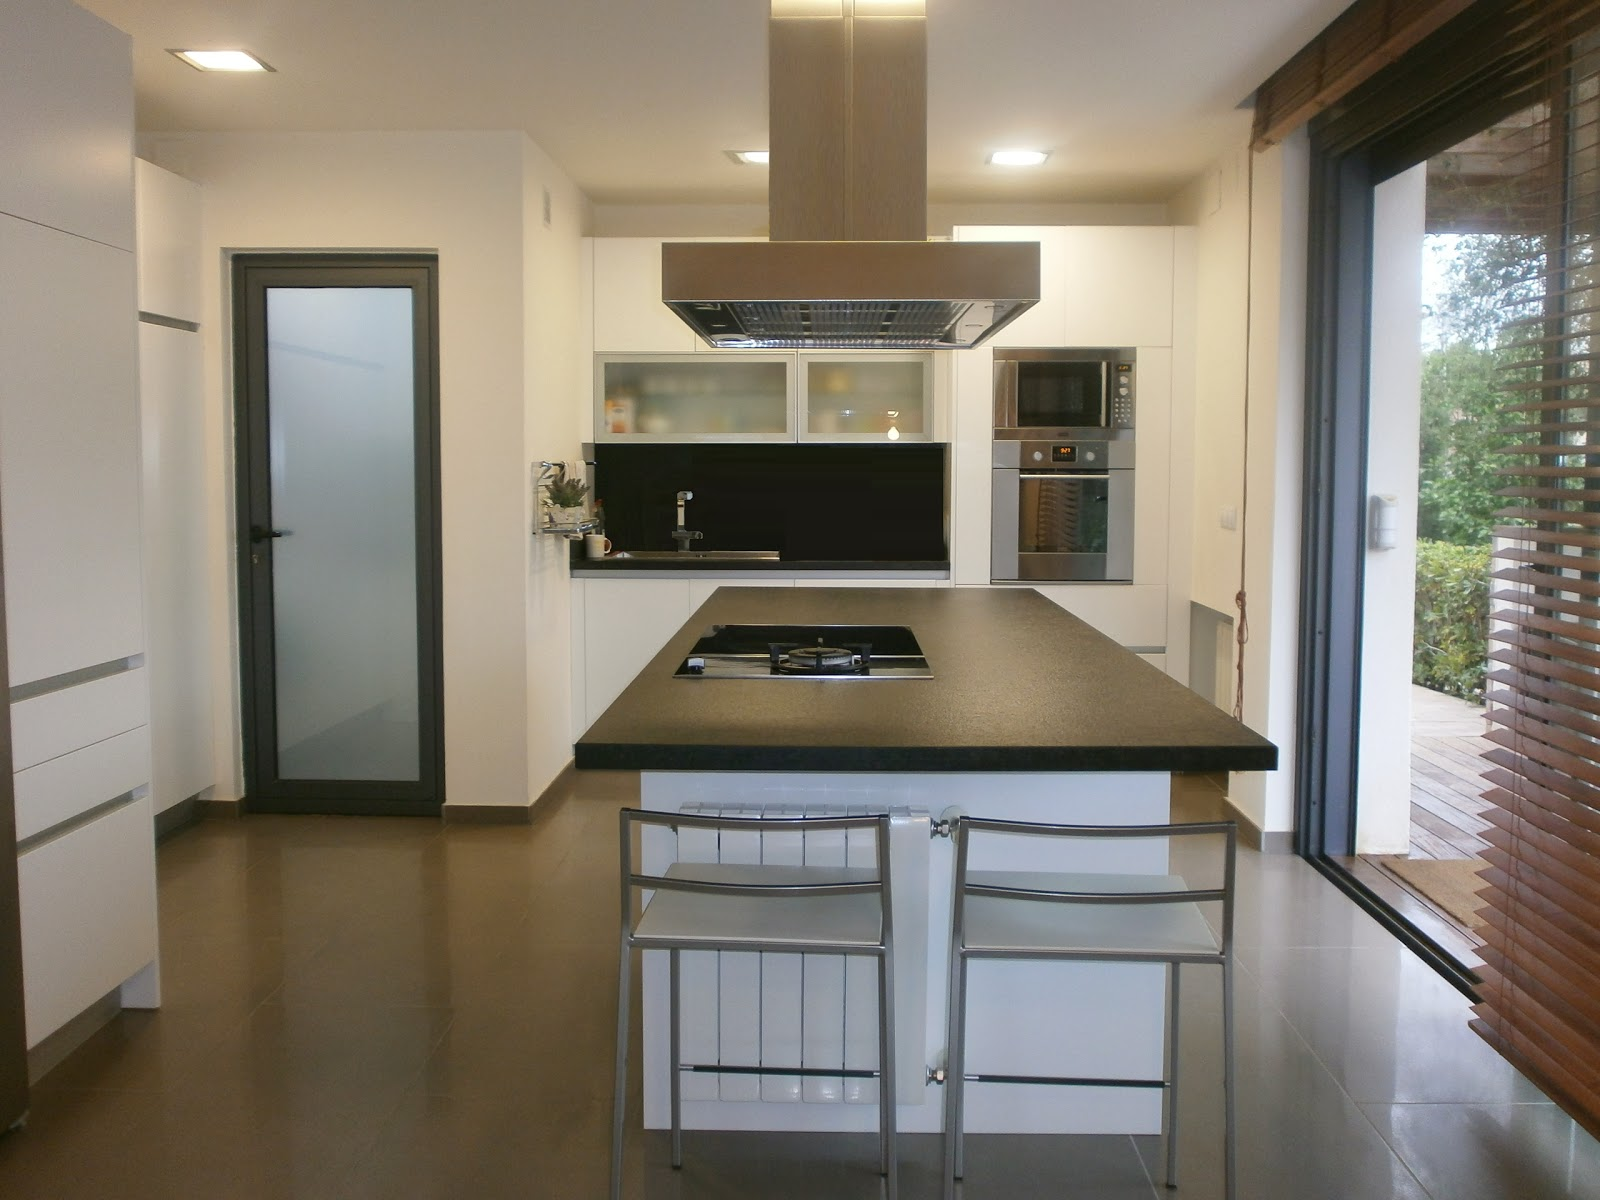 Granito negro y cocina blanca: sobria y siempre actual - Cocinas con ...